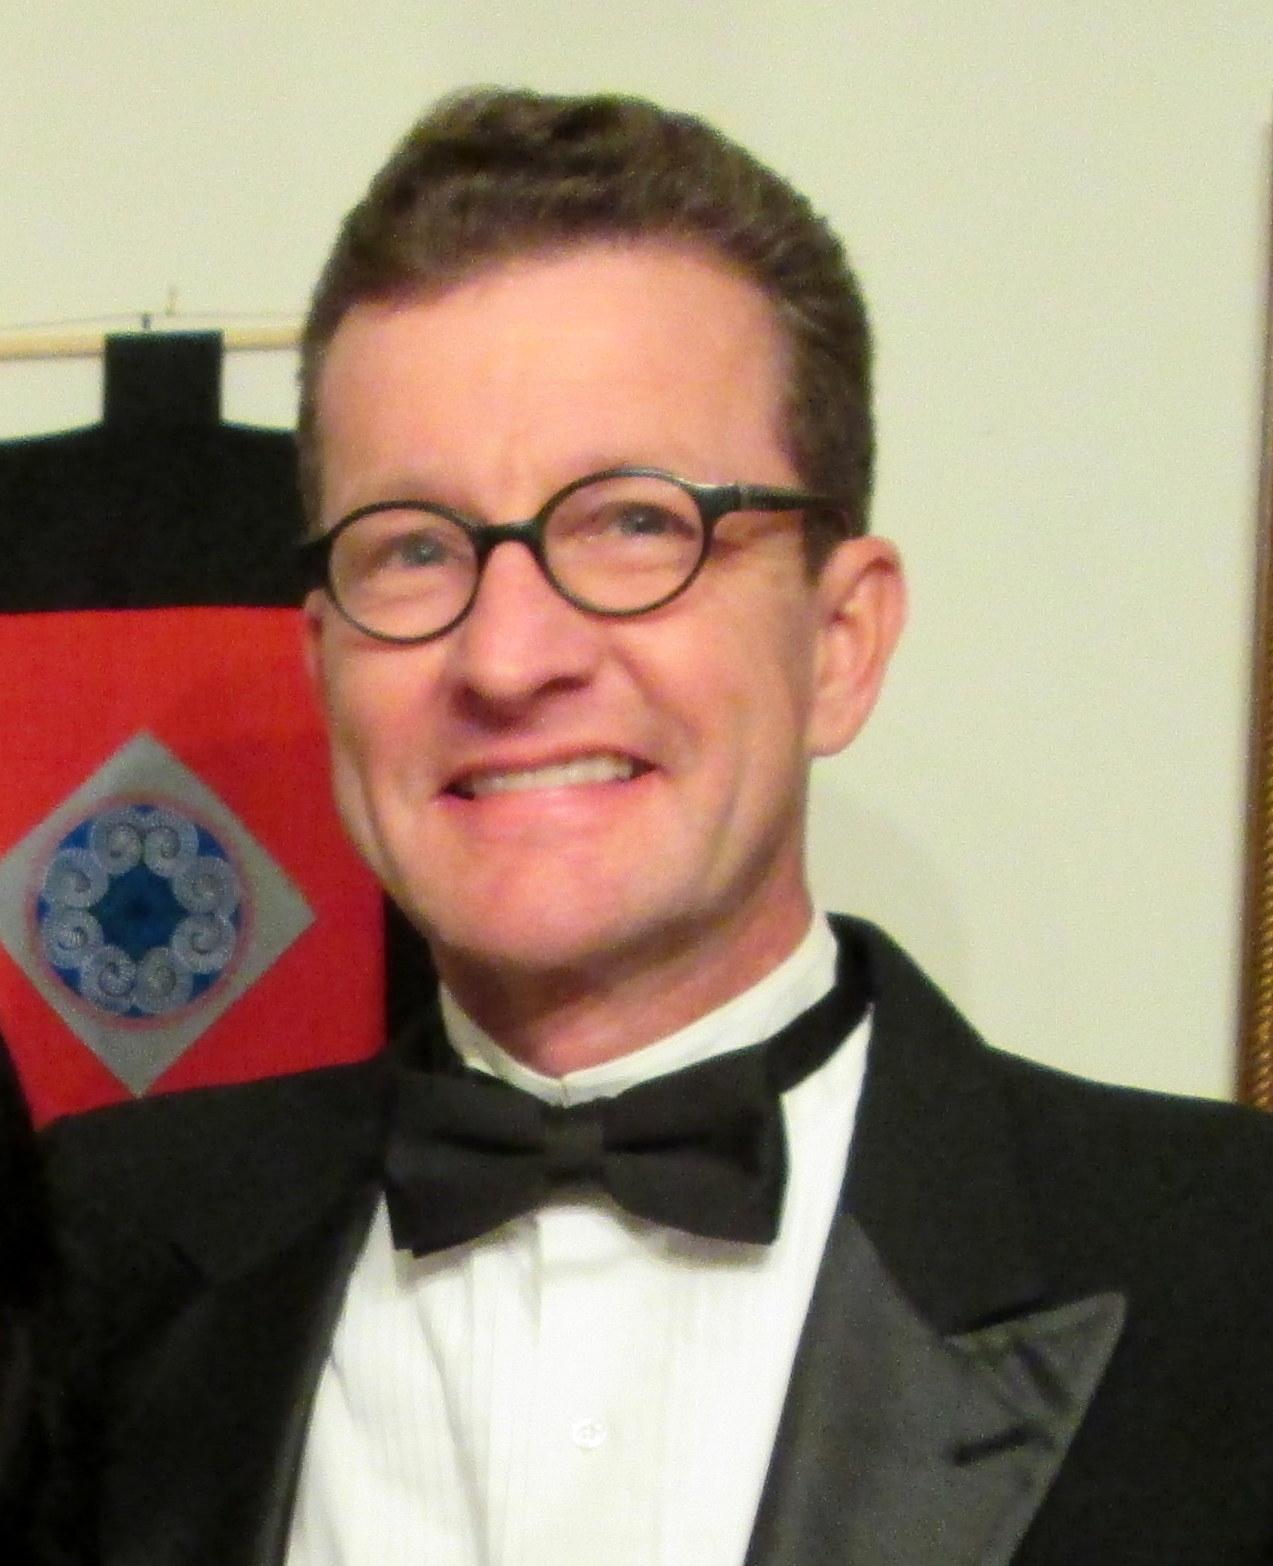 John LaGraff